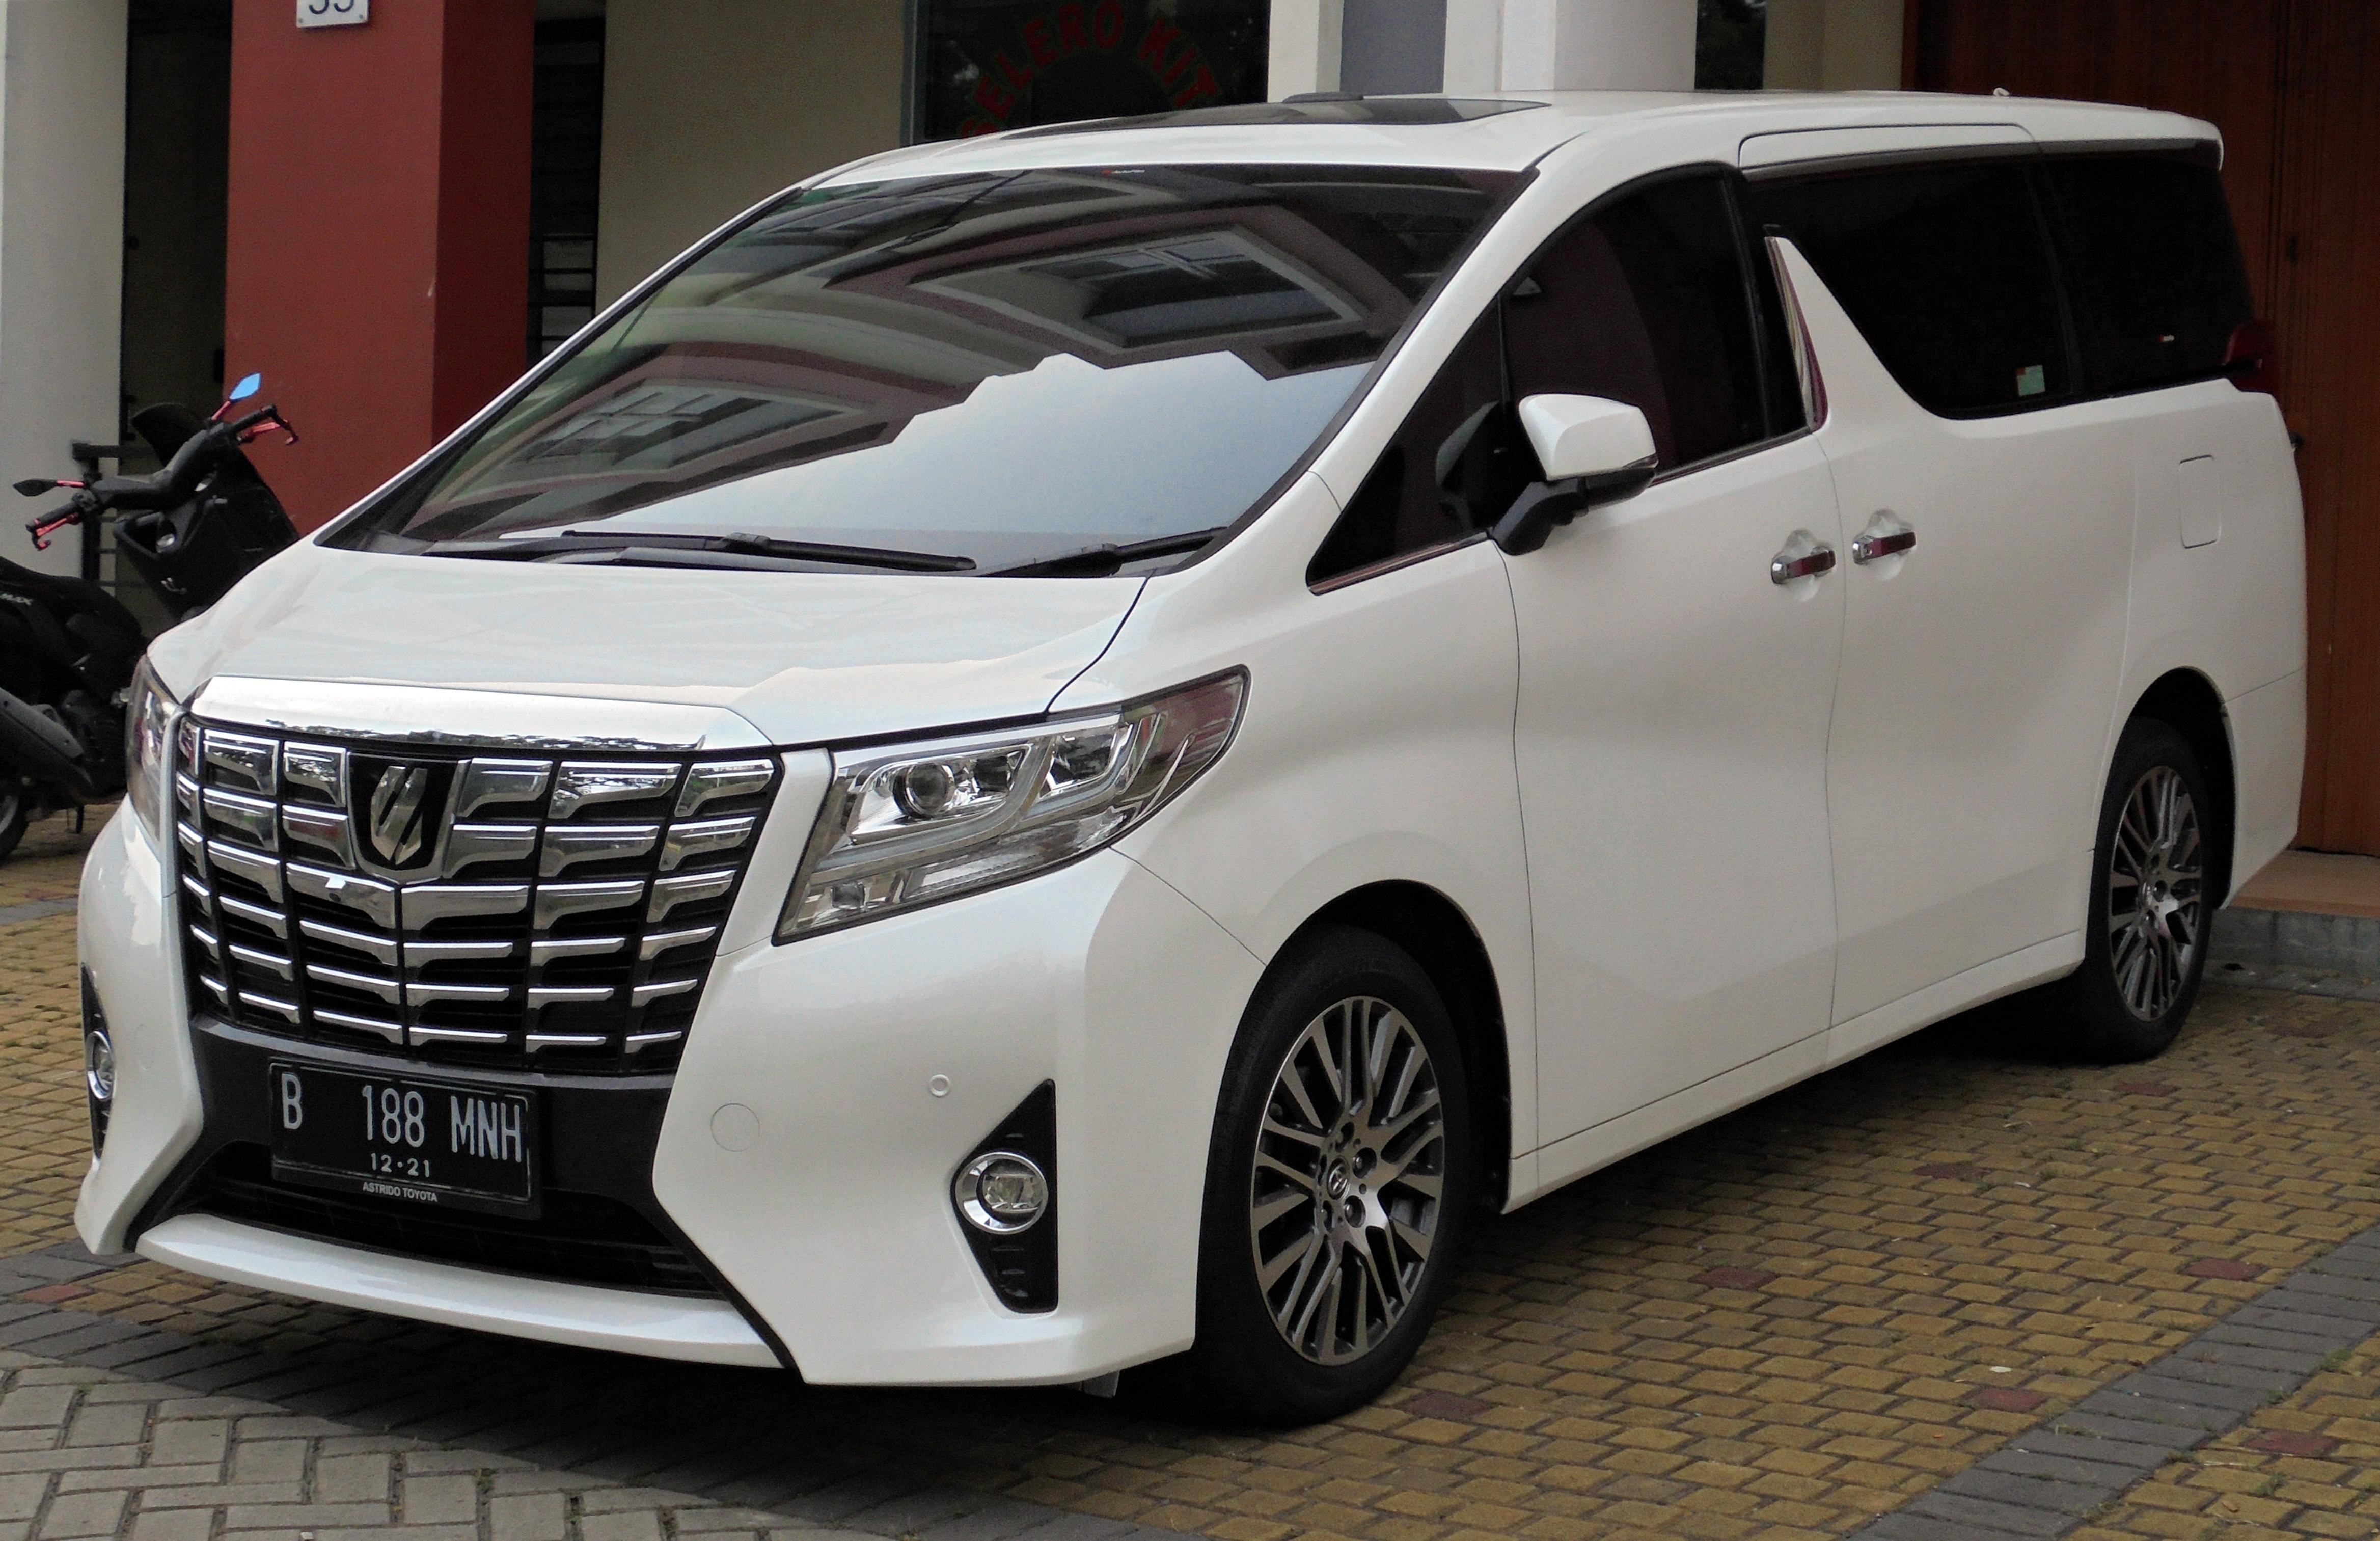 File:2016 Toyota Alphard 2.5 G Van (AGH30R; 12-22-2018